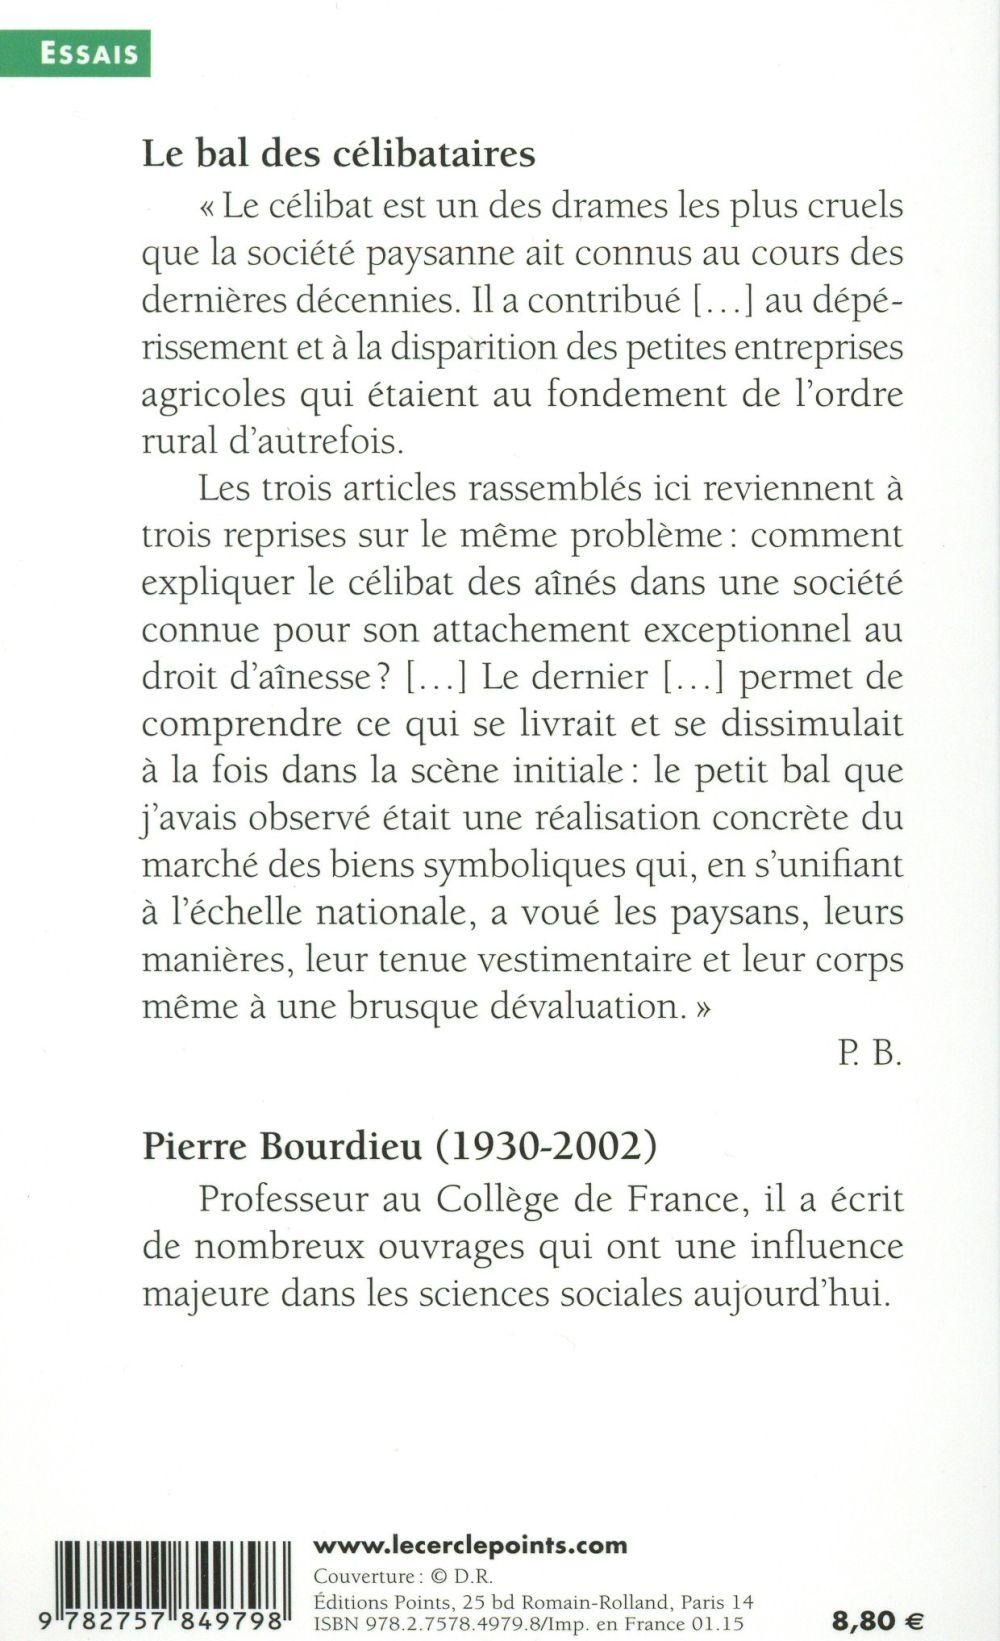 Le bal des célibataires ; crise de la société paysanne en Béarn